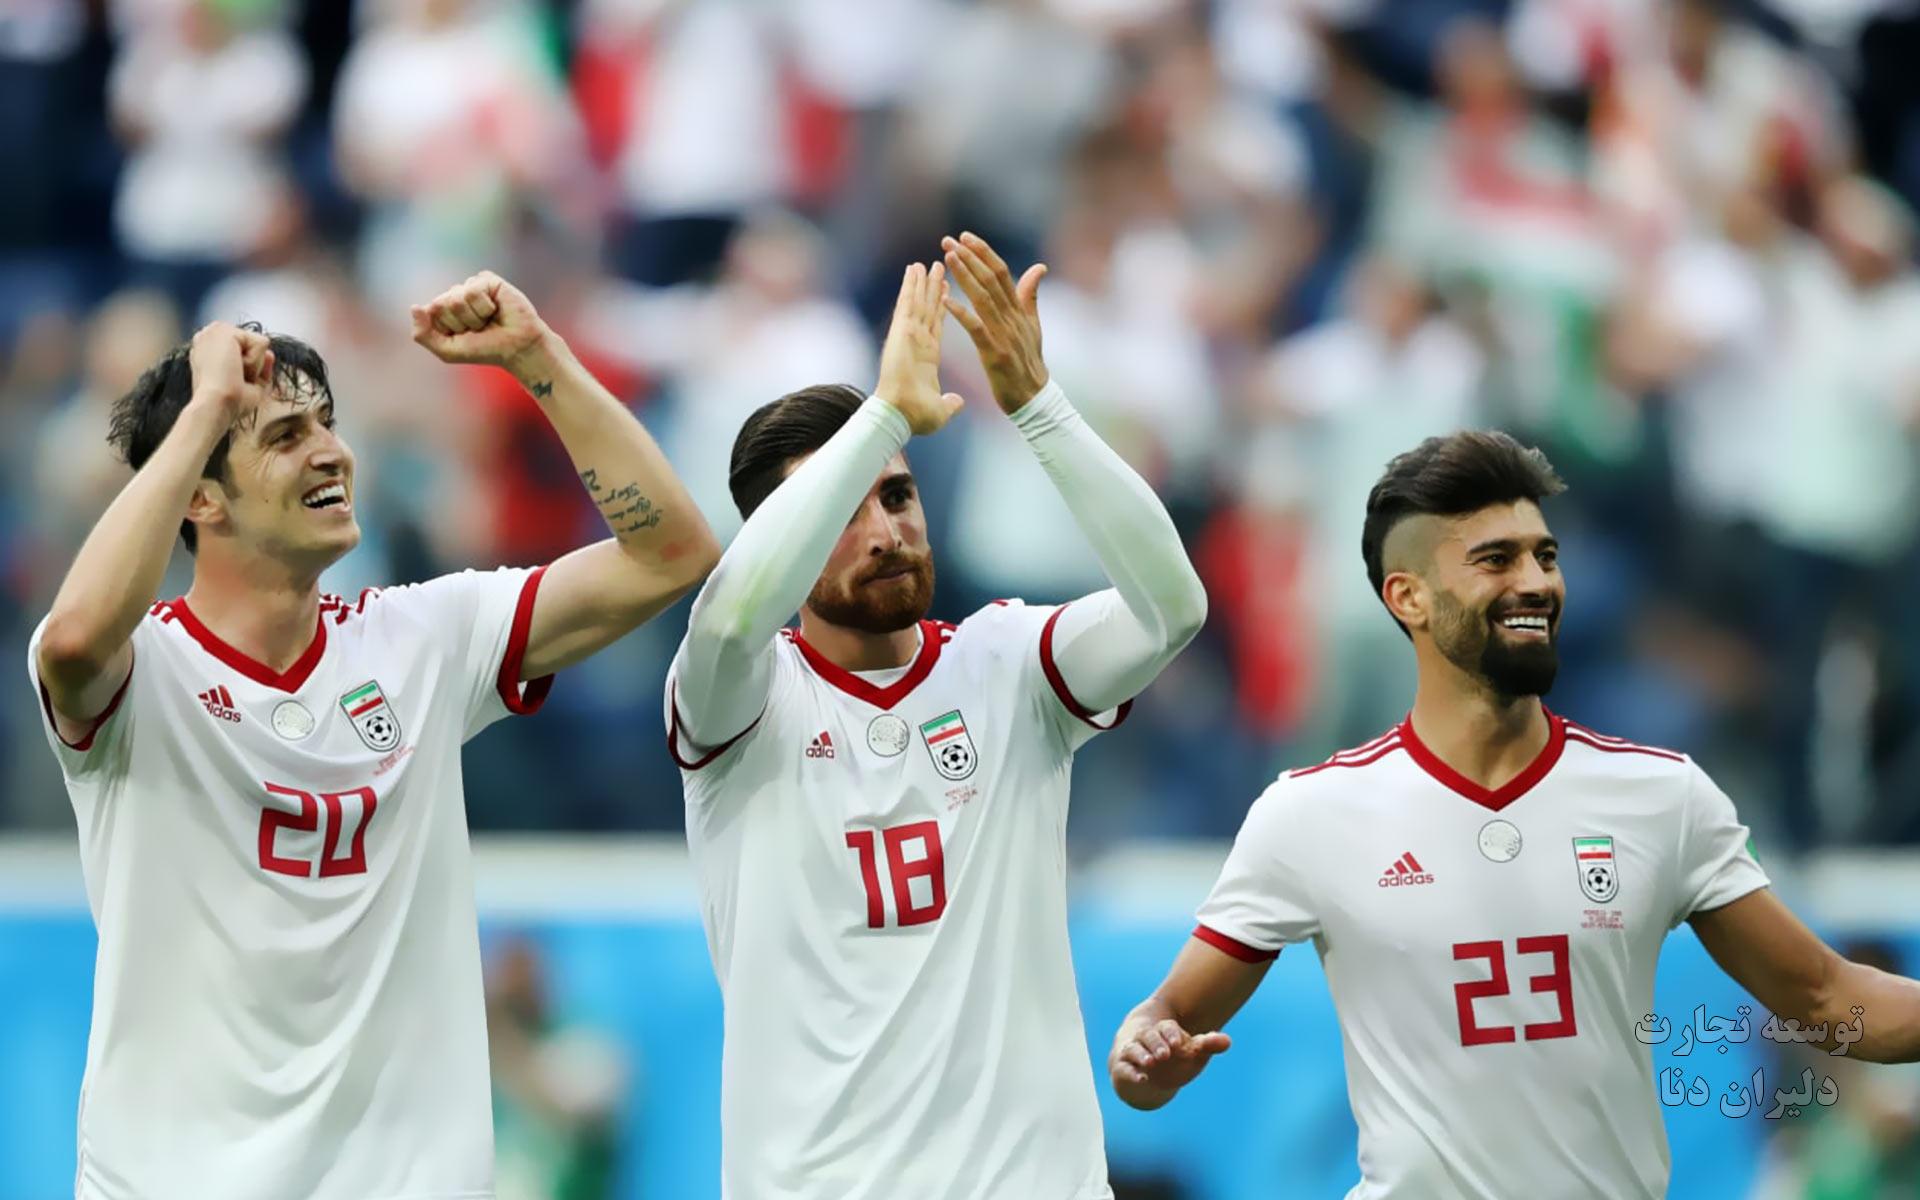 تصاویر با کیفیت تیم ملی فوتبال ایران برای پس زمینه 11